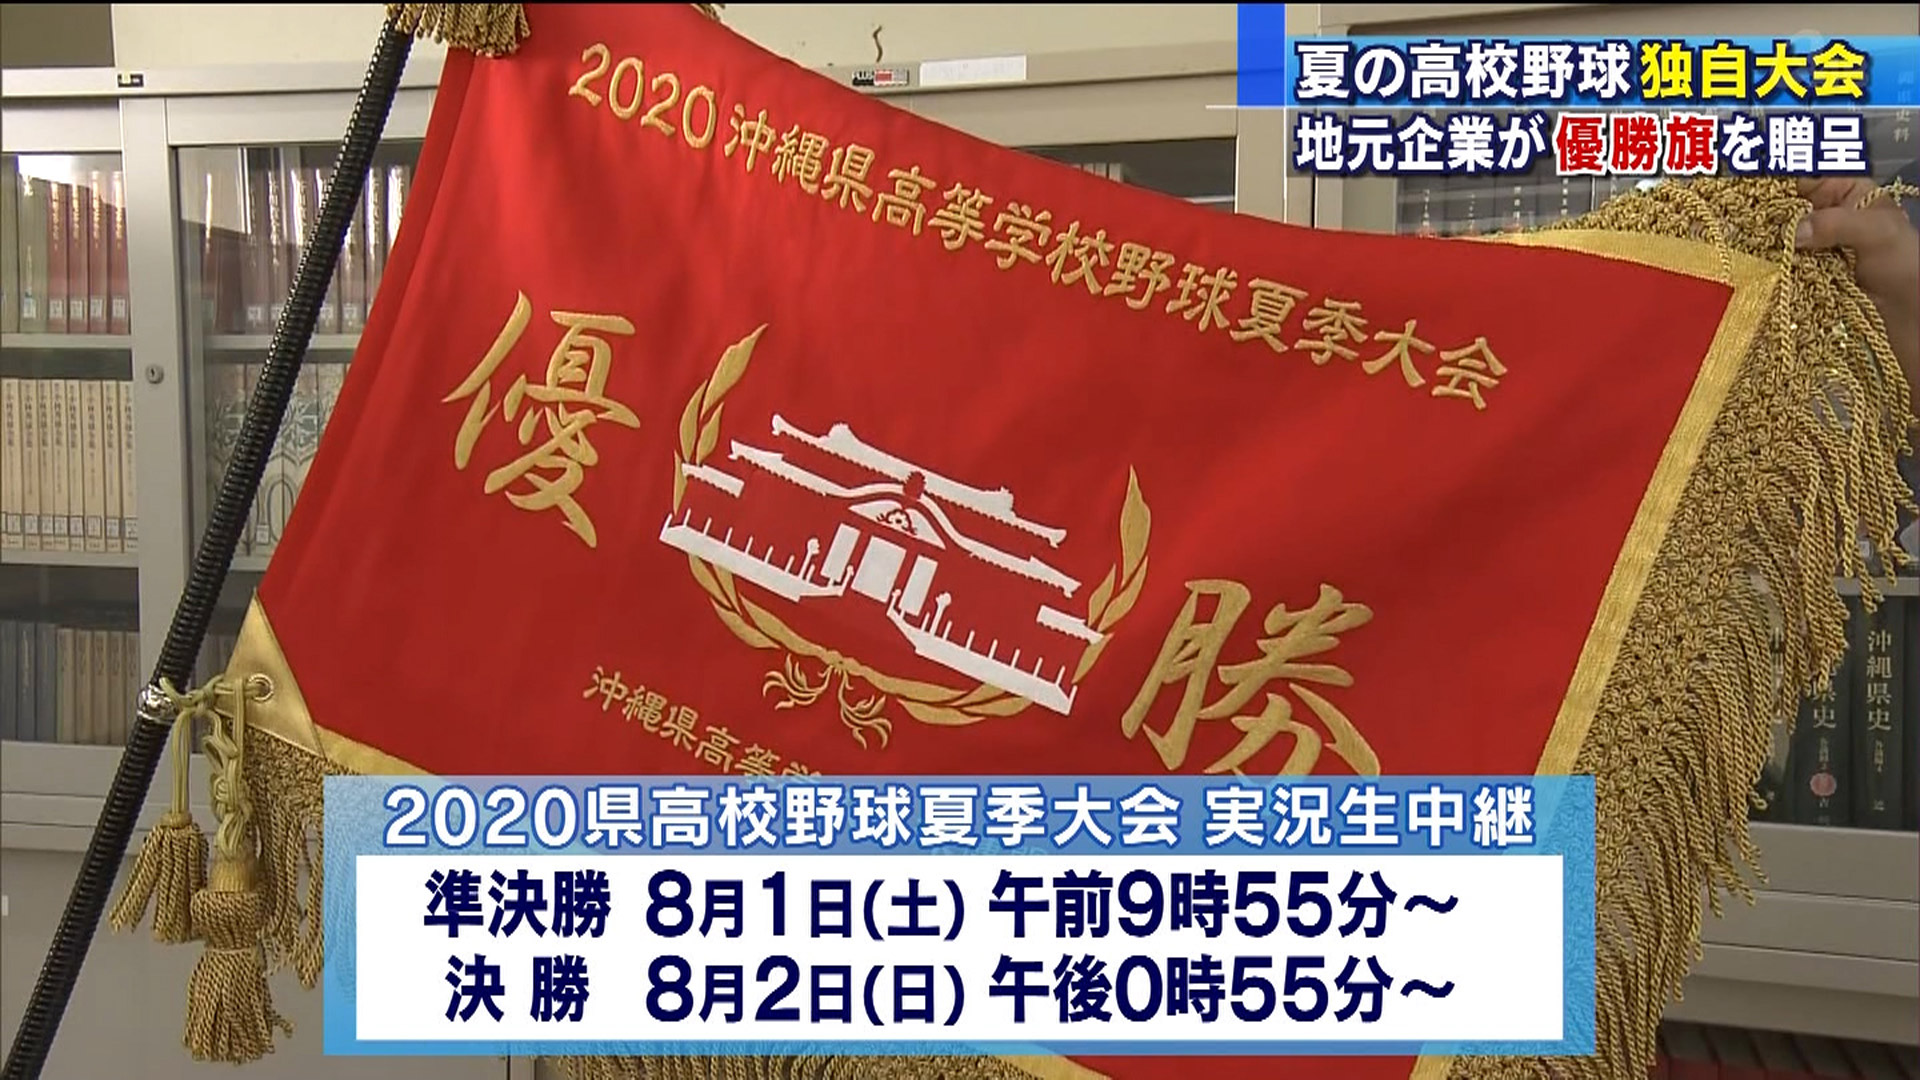 県高校野球独自大会の優勝旗を贈呈